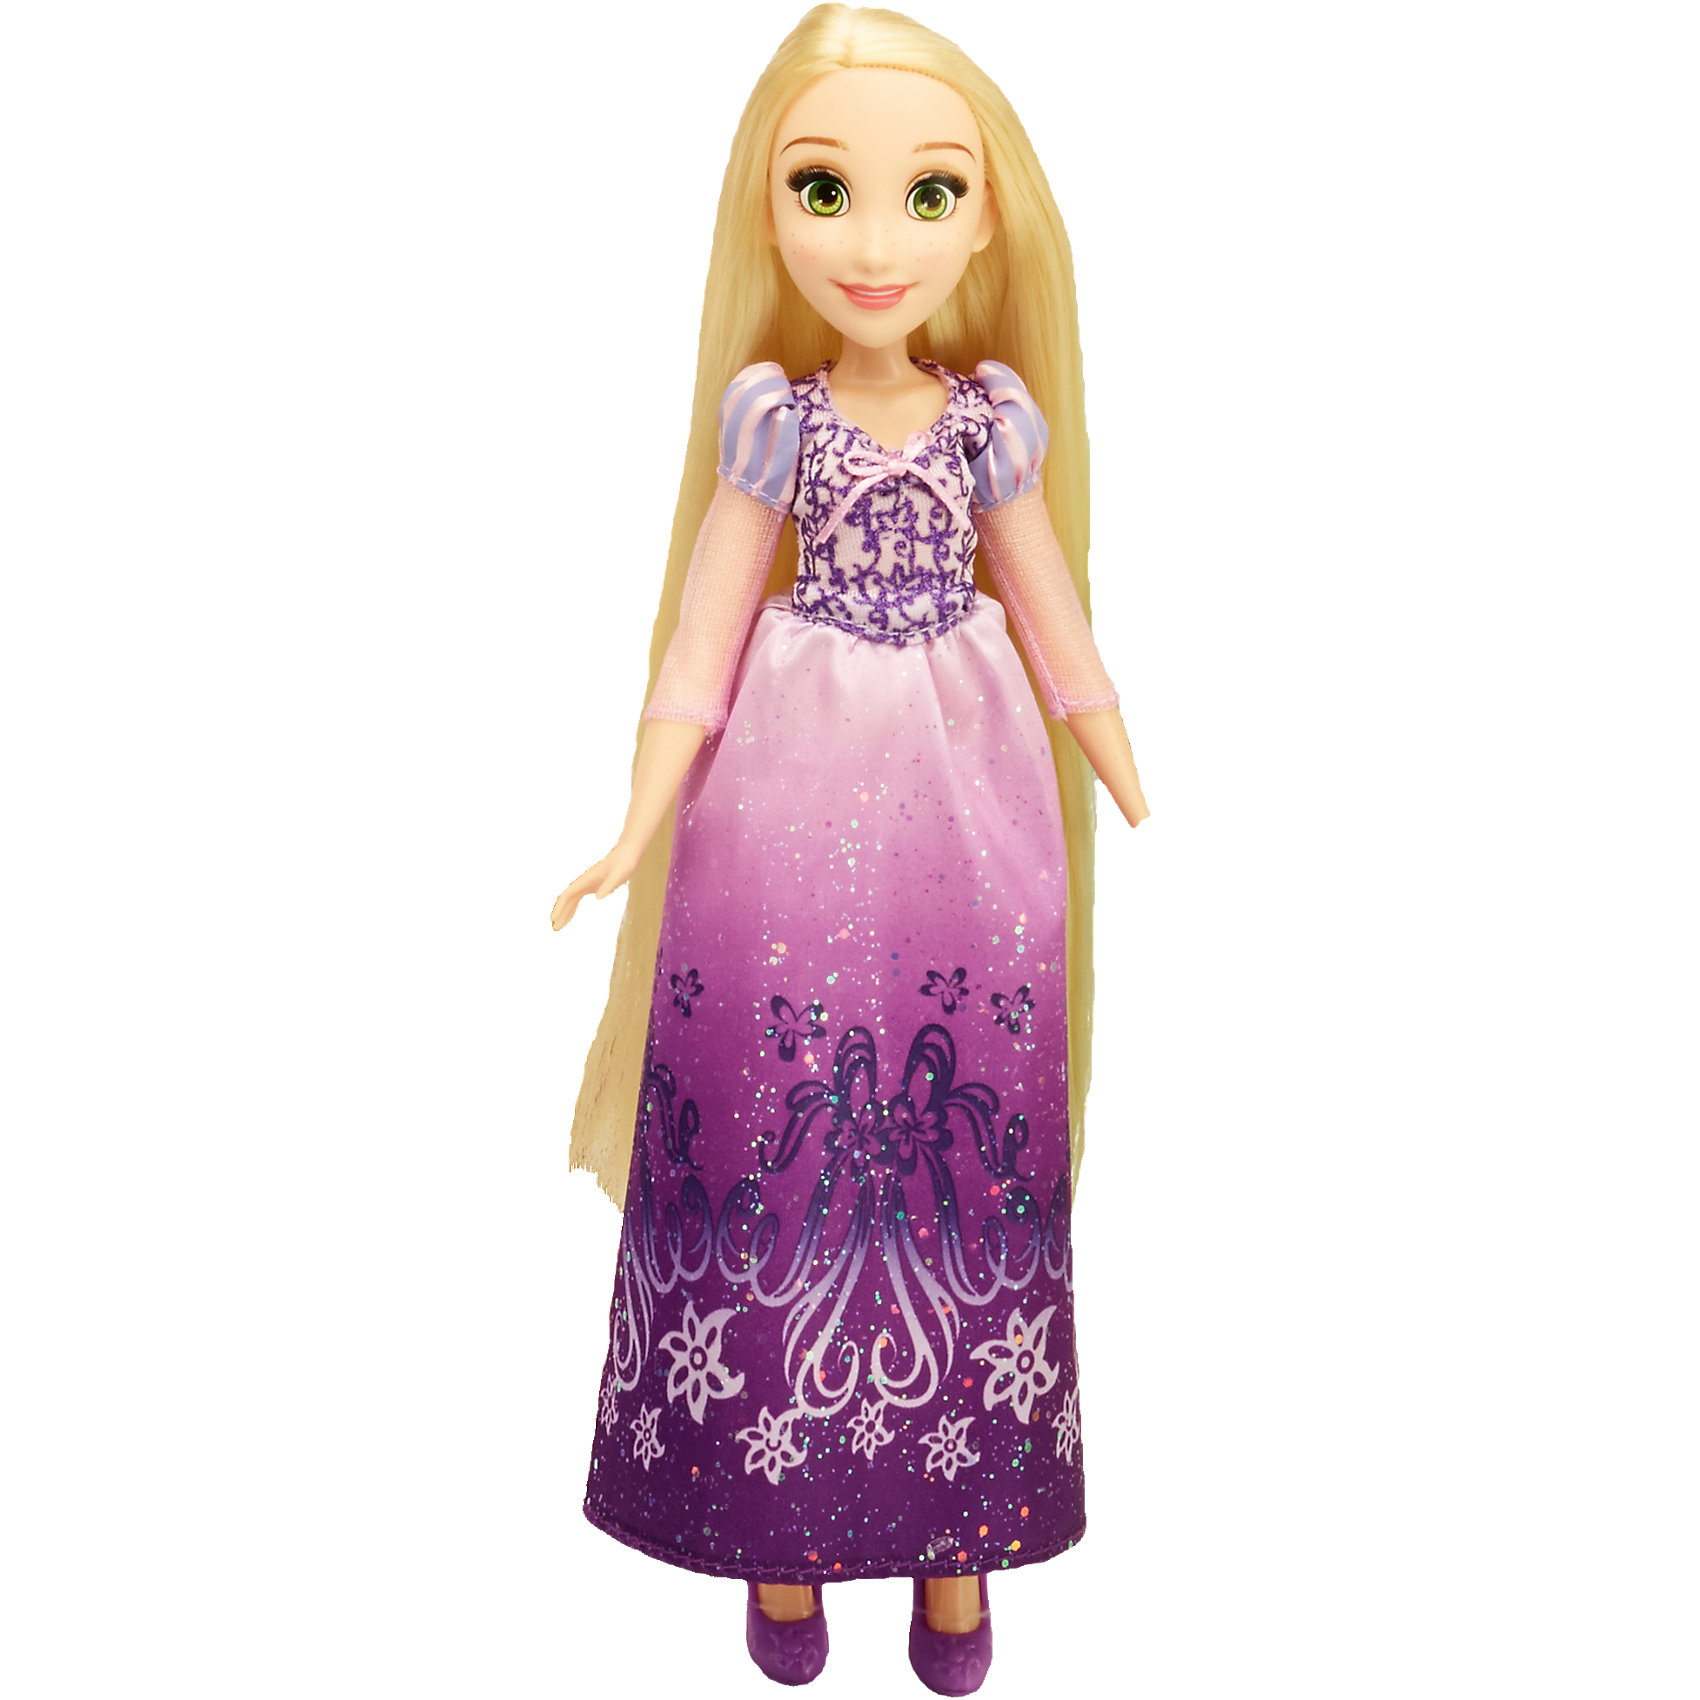 Hasbro Кукла Рапунцель, Принцессы Дисней hasbro мини кукла принцессы дисней